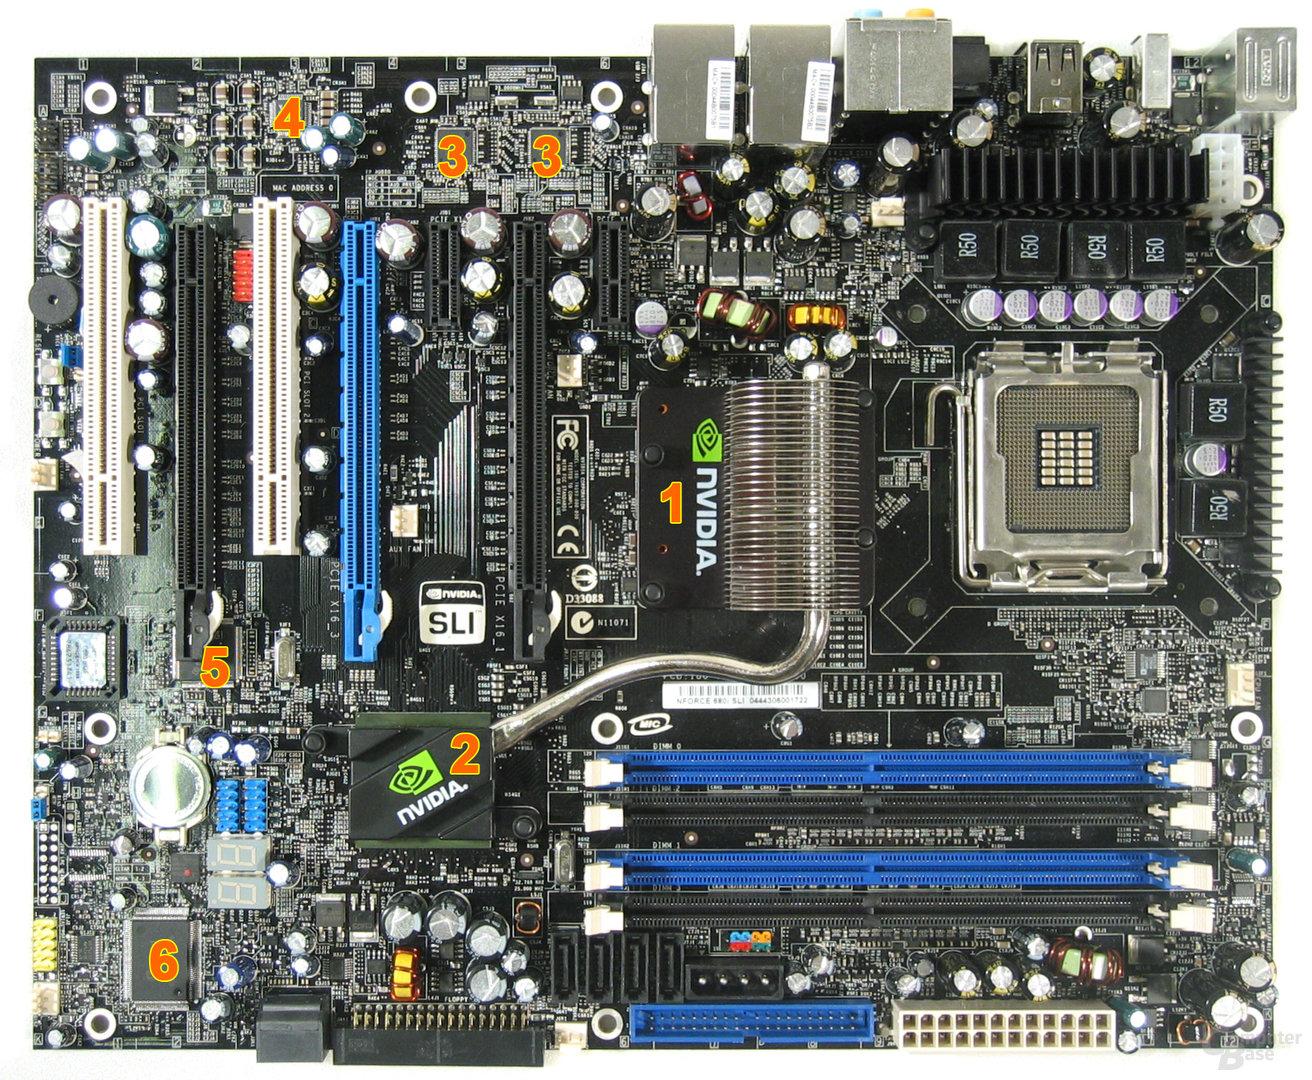 EVGA 680i SLI Komponenten